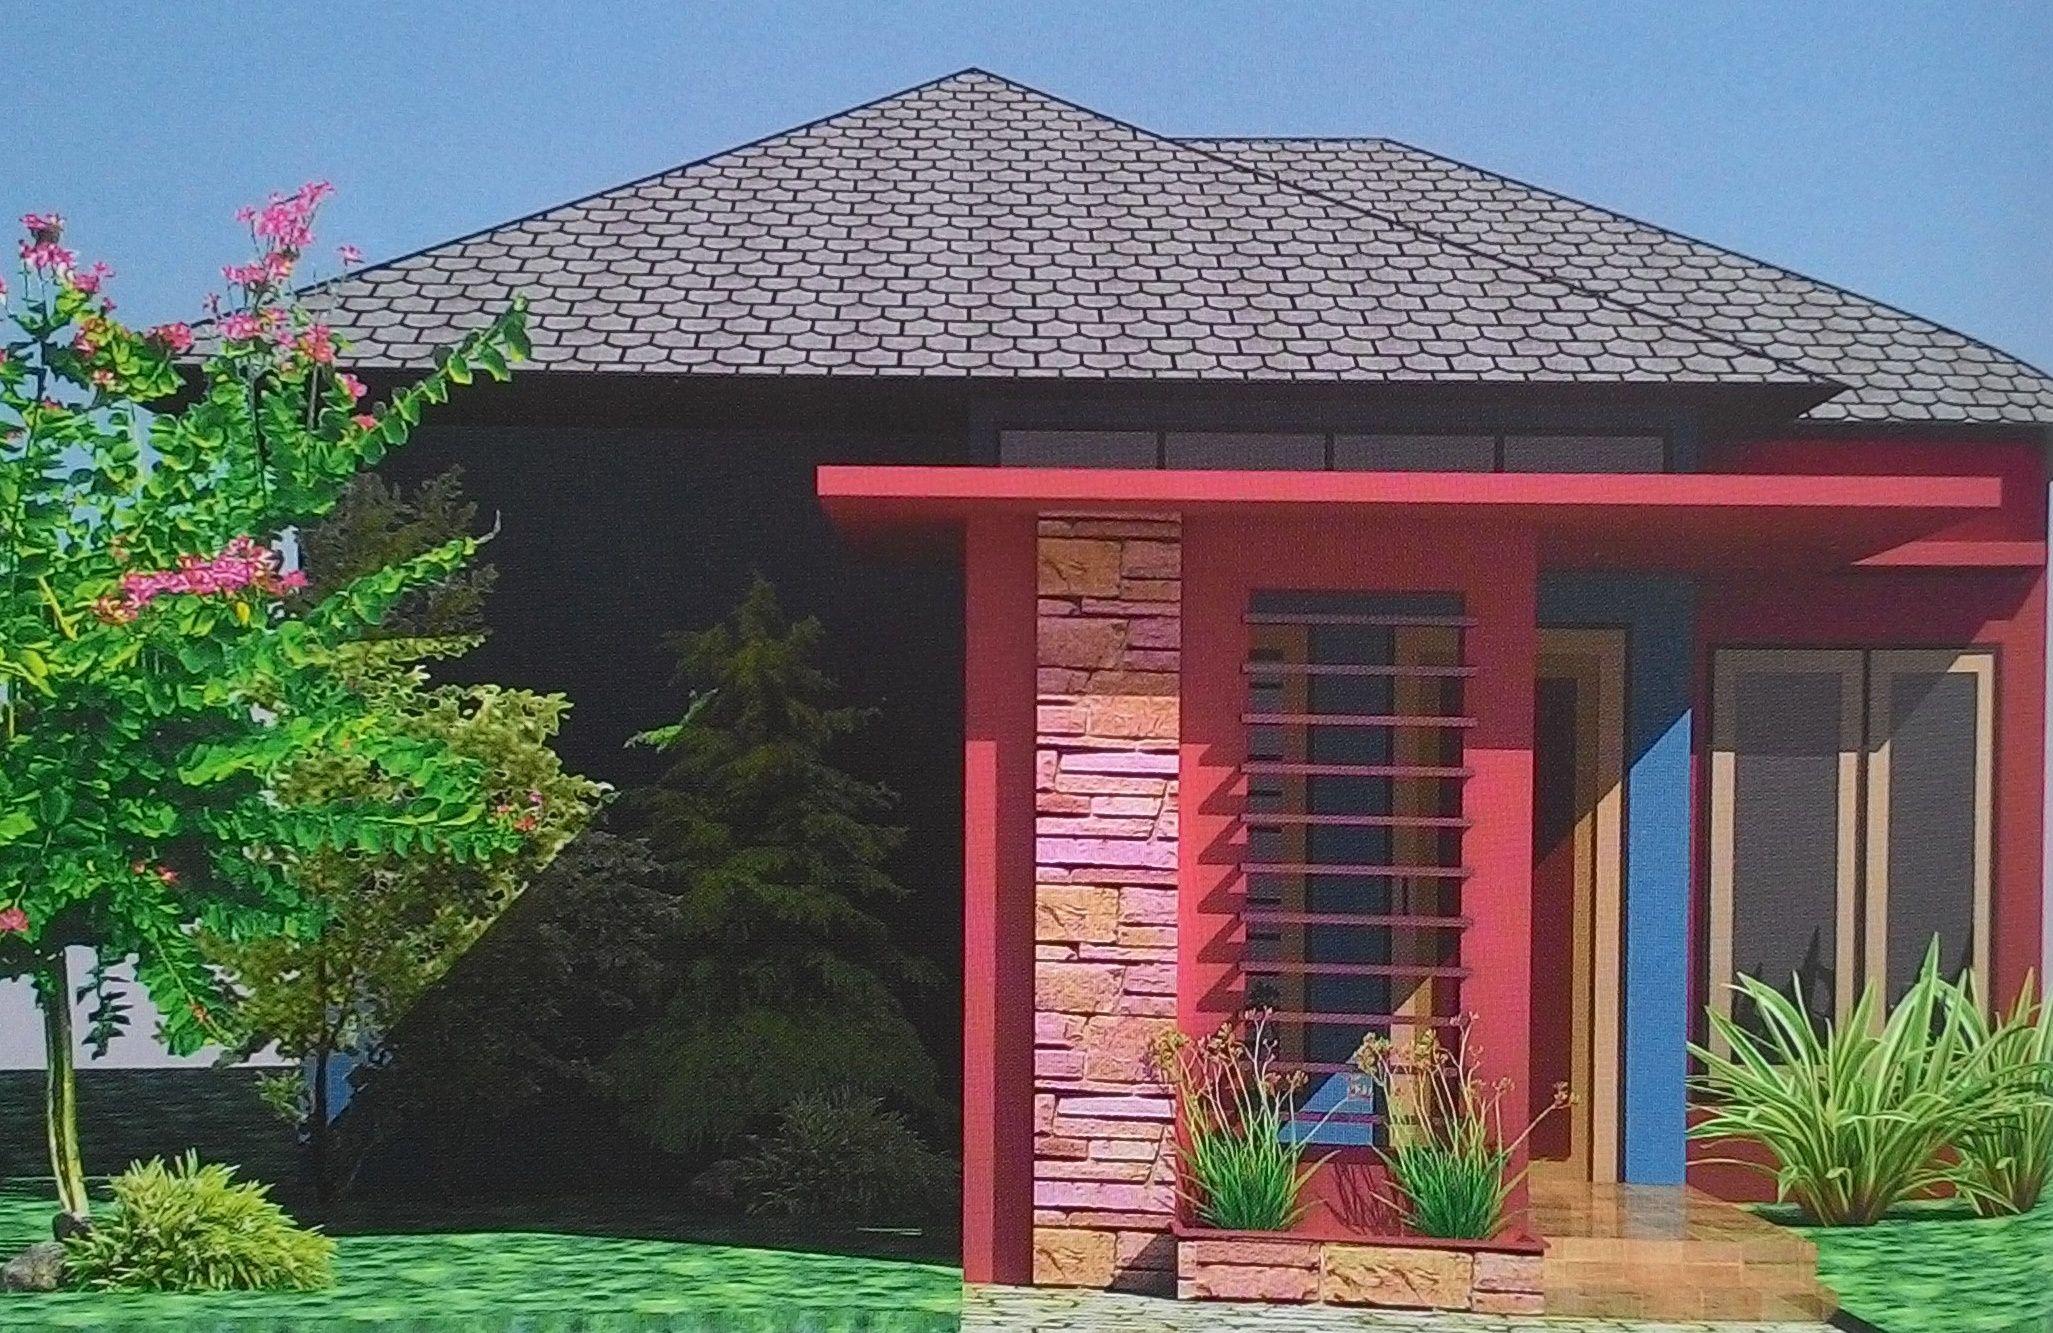 Unique Terrace Design Home Pyramide Roof Front Porch Design House Design Porch Design